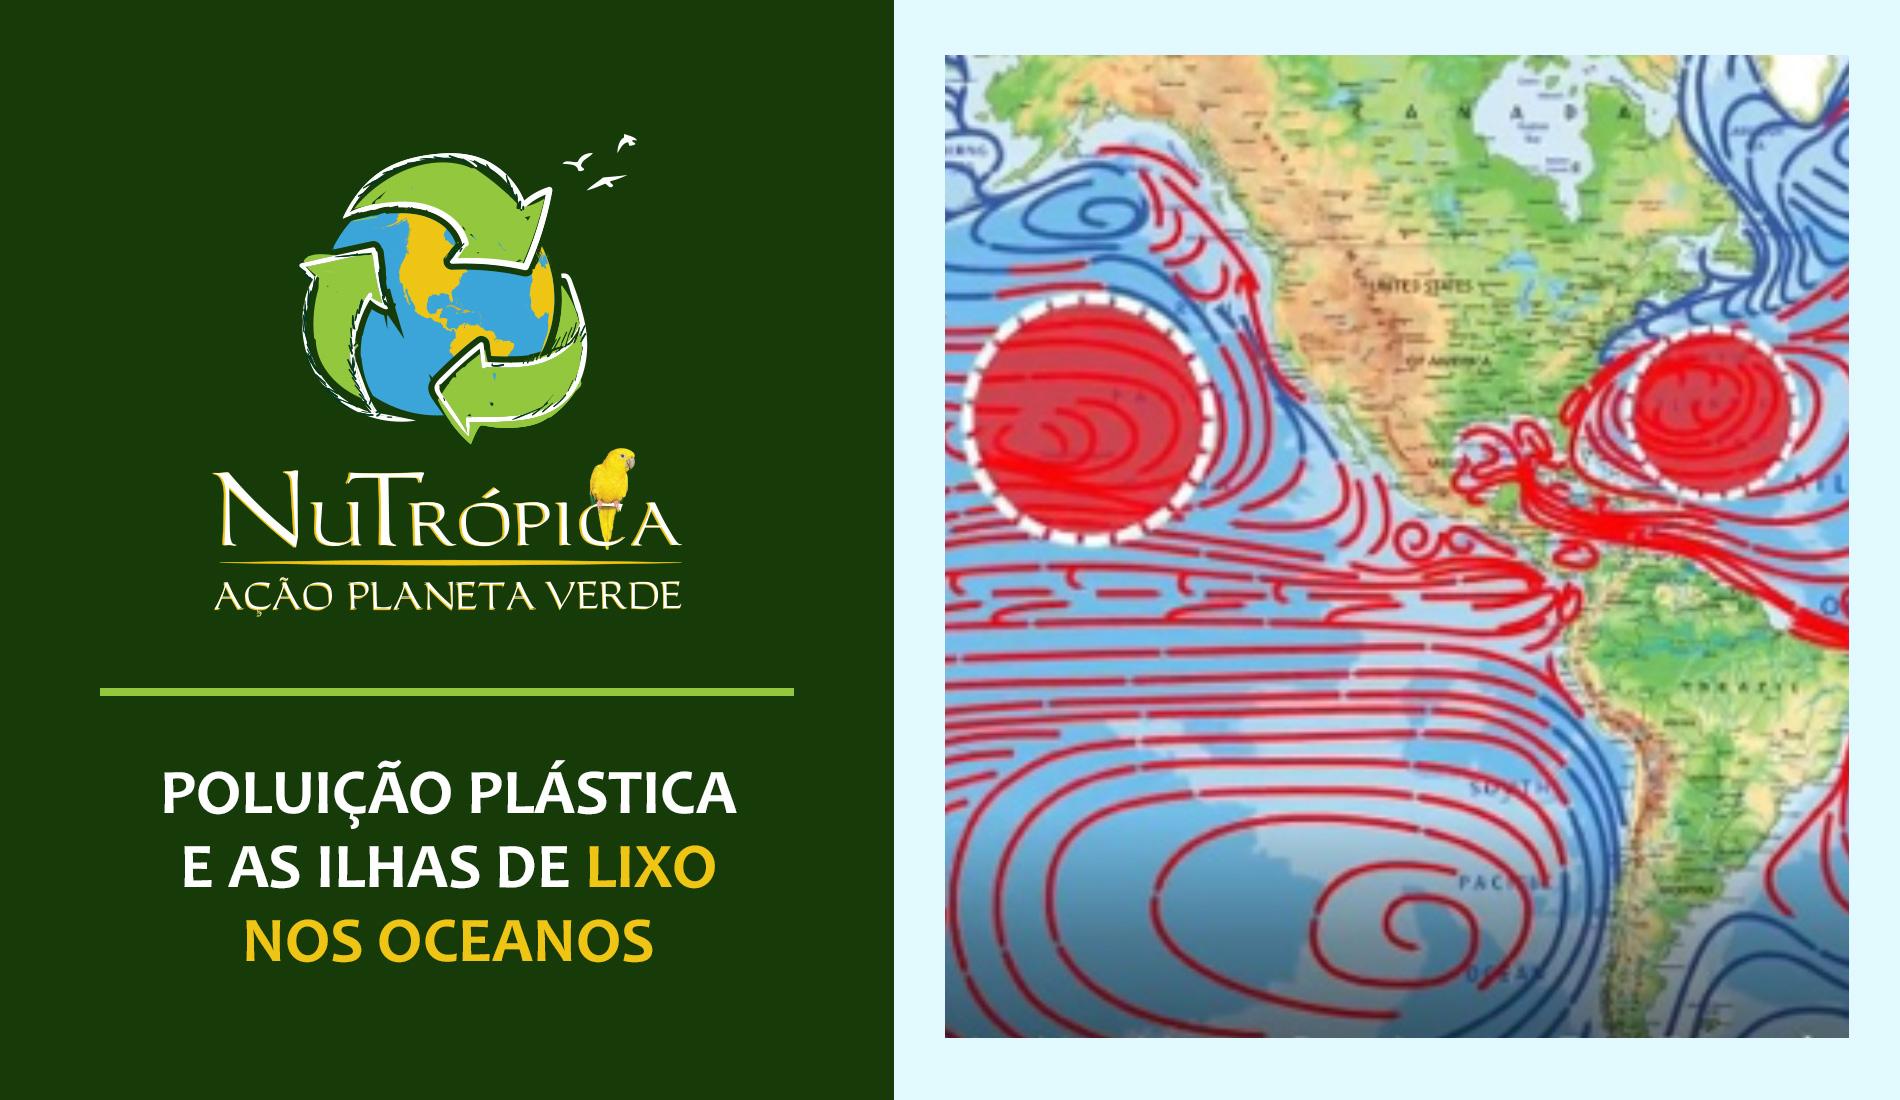 Ação Planeta Verde - Poluição Plástica e as Ilhas de lixo nos Oceanos